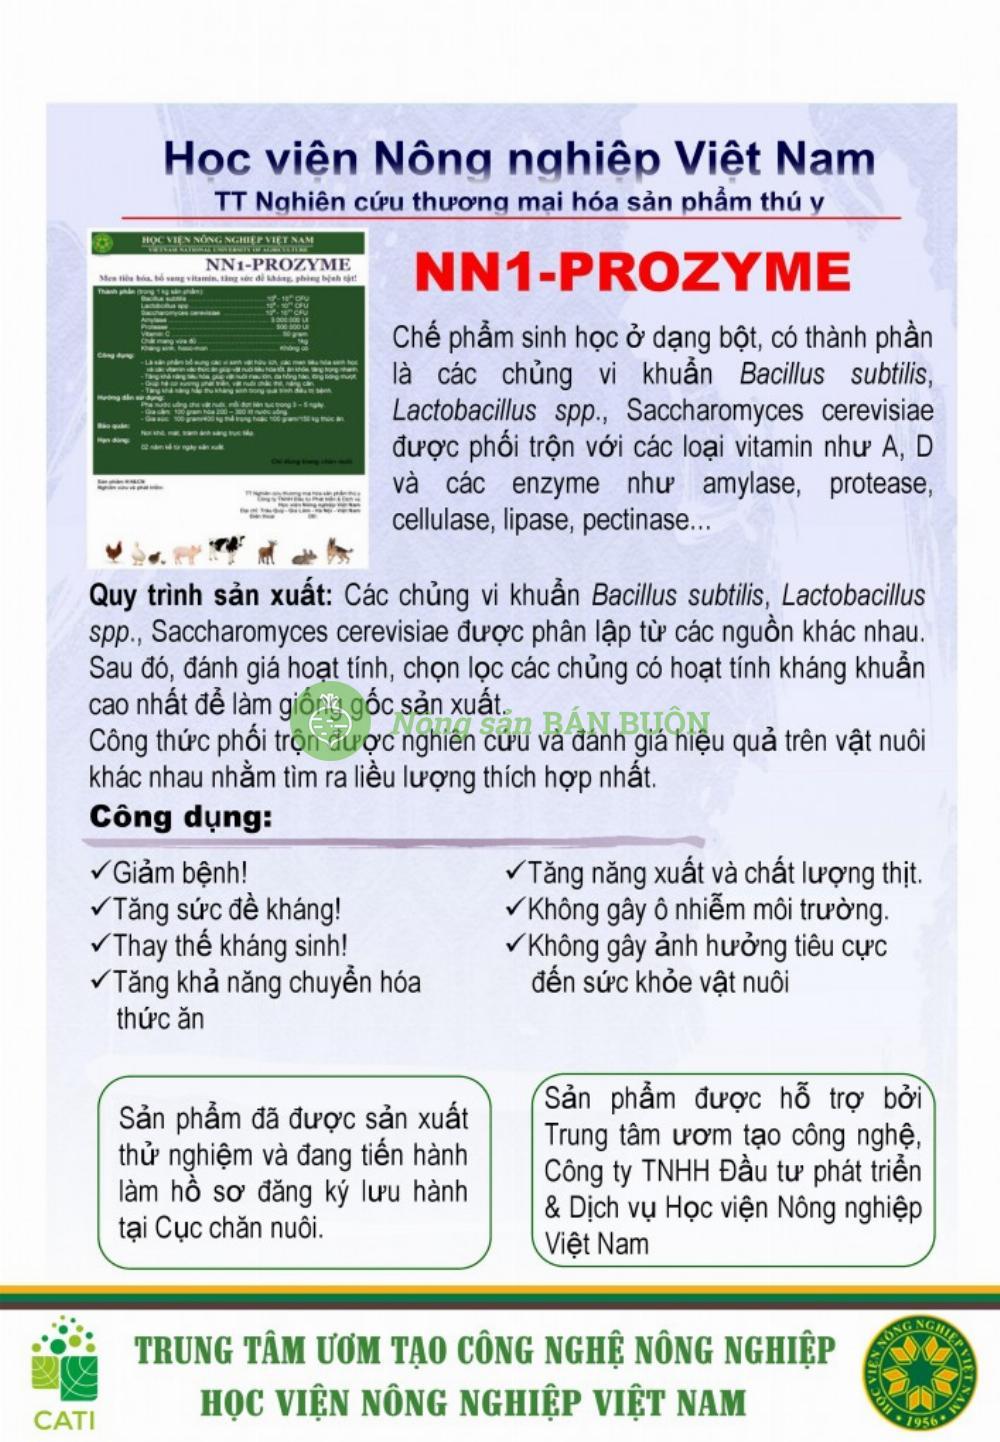 Chế phẩm NN1-Proyme sử dụng trong phòng và trị bệnh cho vật nuôi